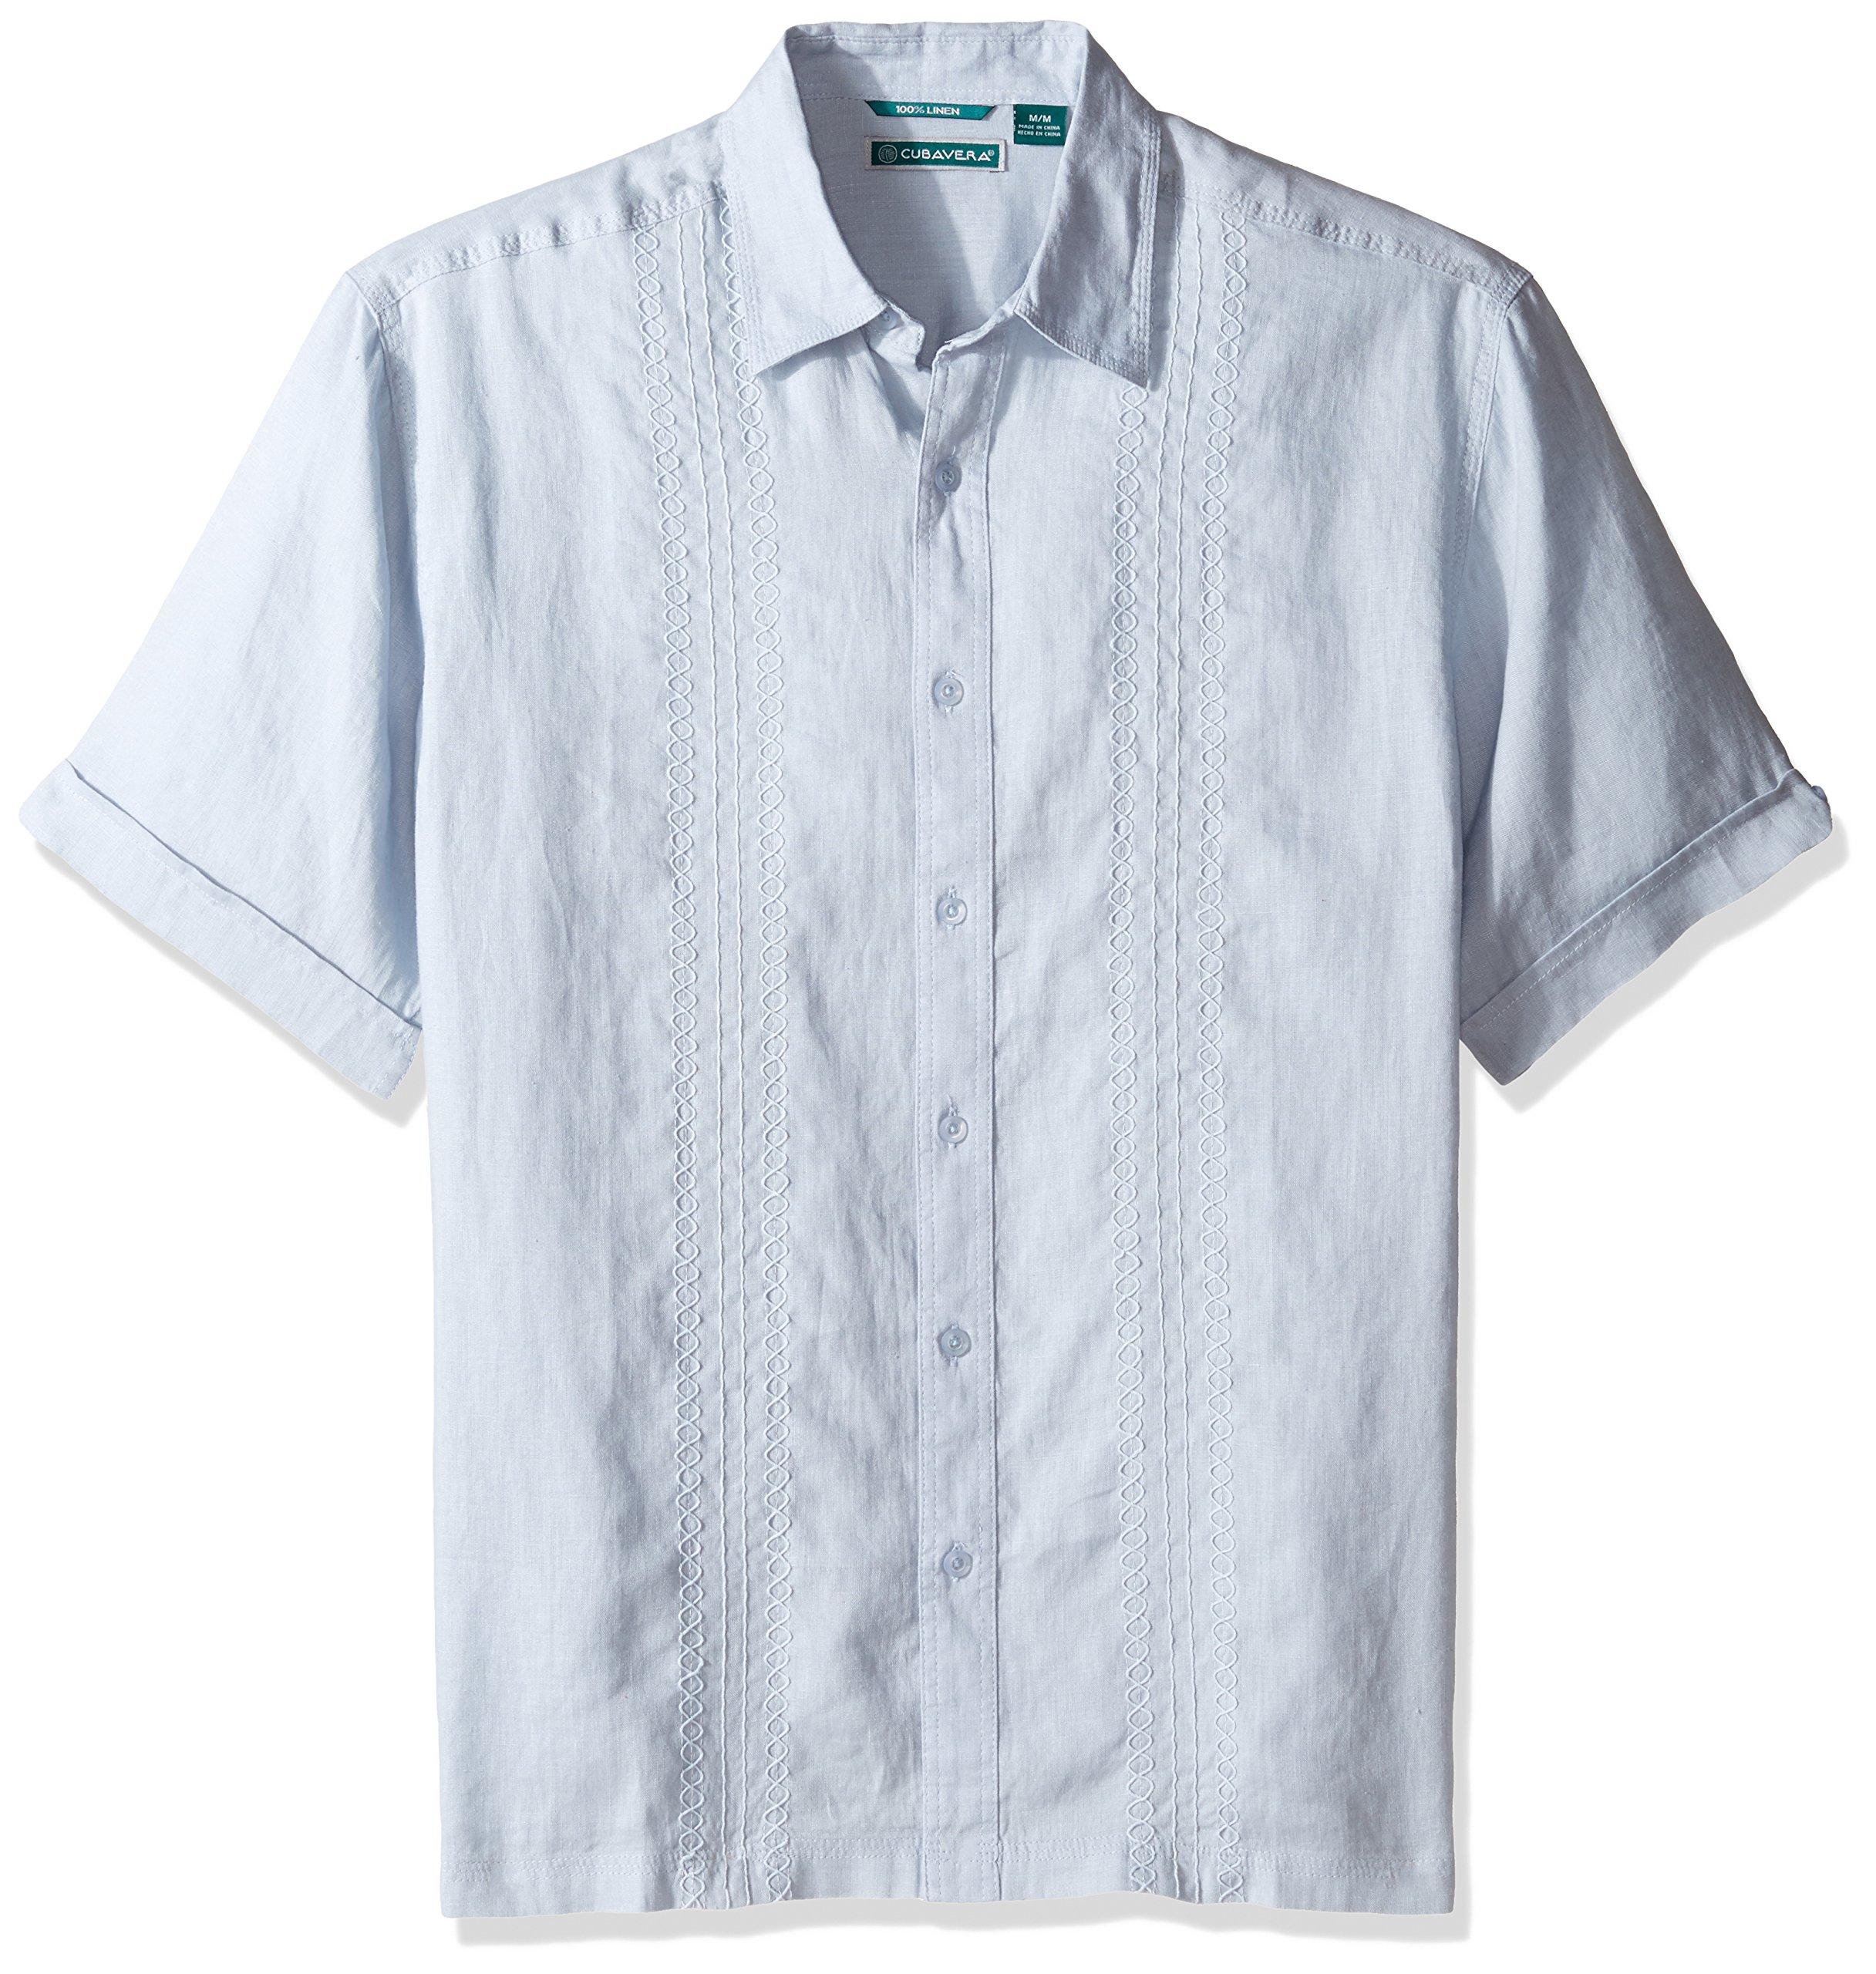 Cubavera Men's Short Sleeve 100% Linen Button-Down Shirt Embroidery, Skyway, Large